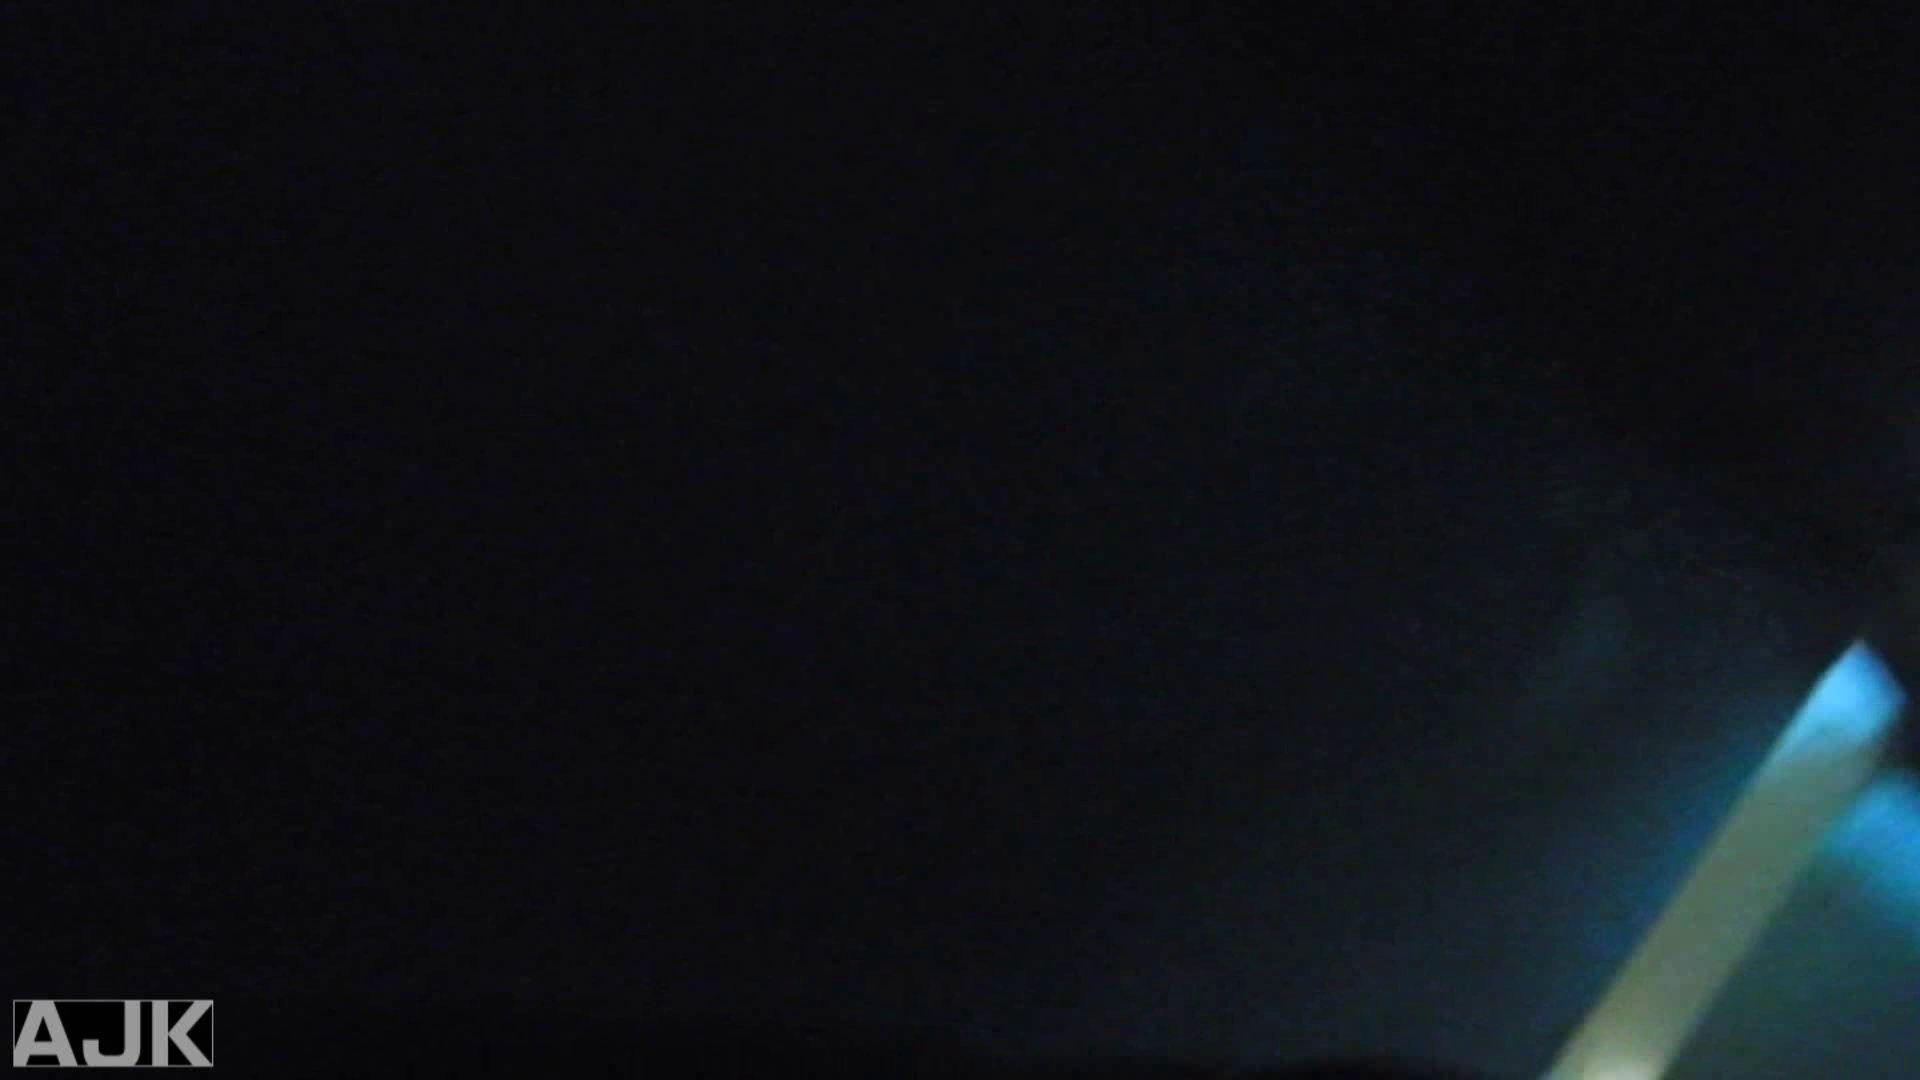 神降臨!史上最強の潜入かわや! vol.24 オマンコギャル アダルト動画キャプチャ 90連発 75